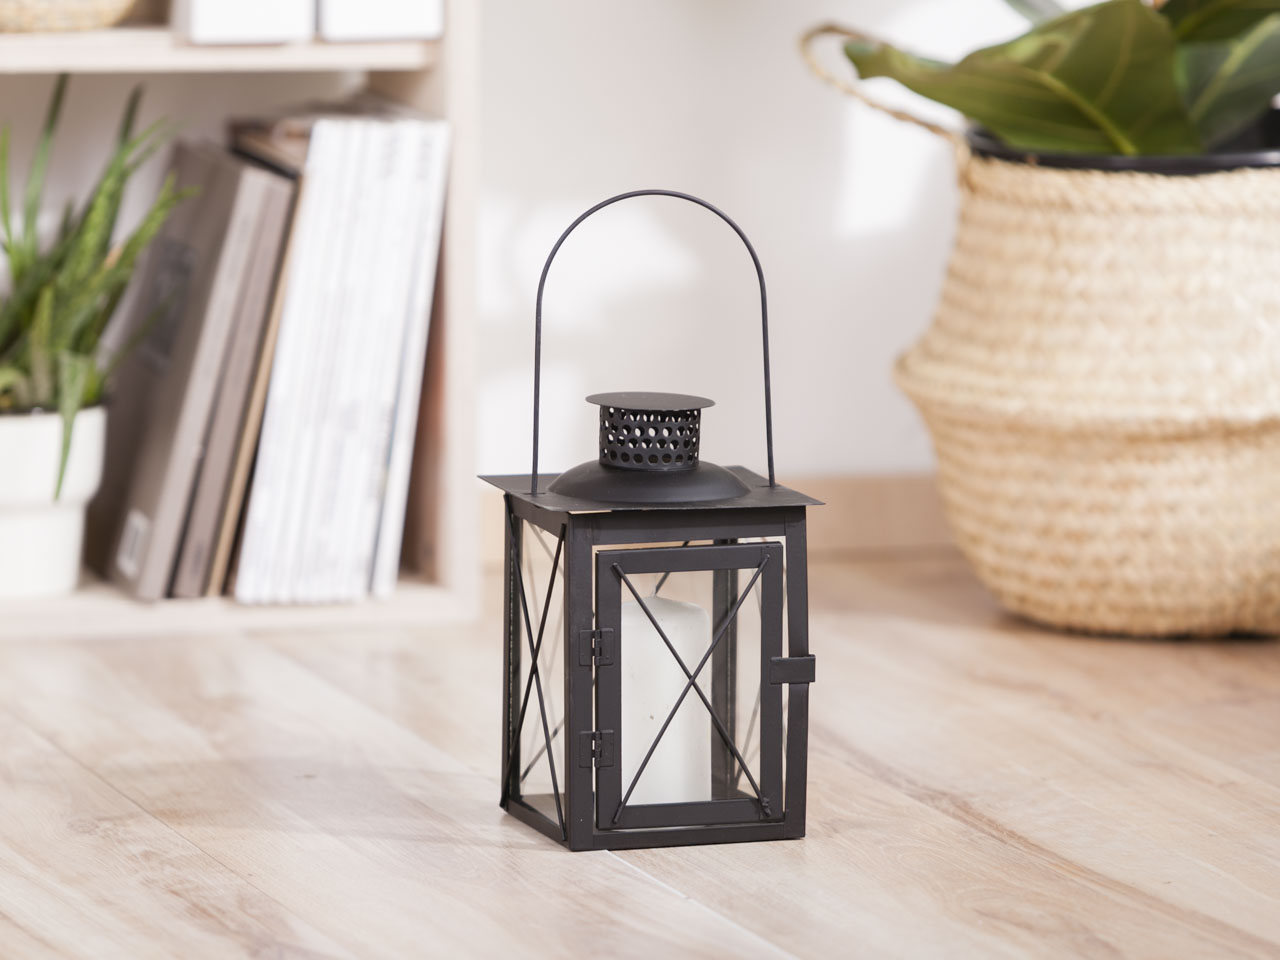 Latarenka / latarnia / lampion ozdobny wiszący Altom Design metalowa kwadratowa czarna 15x20 cm